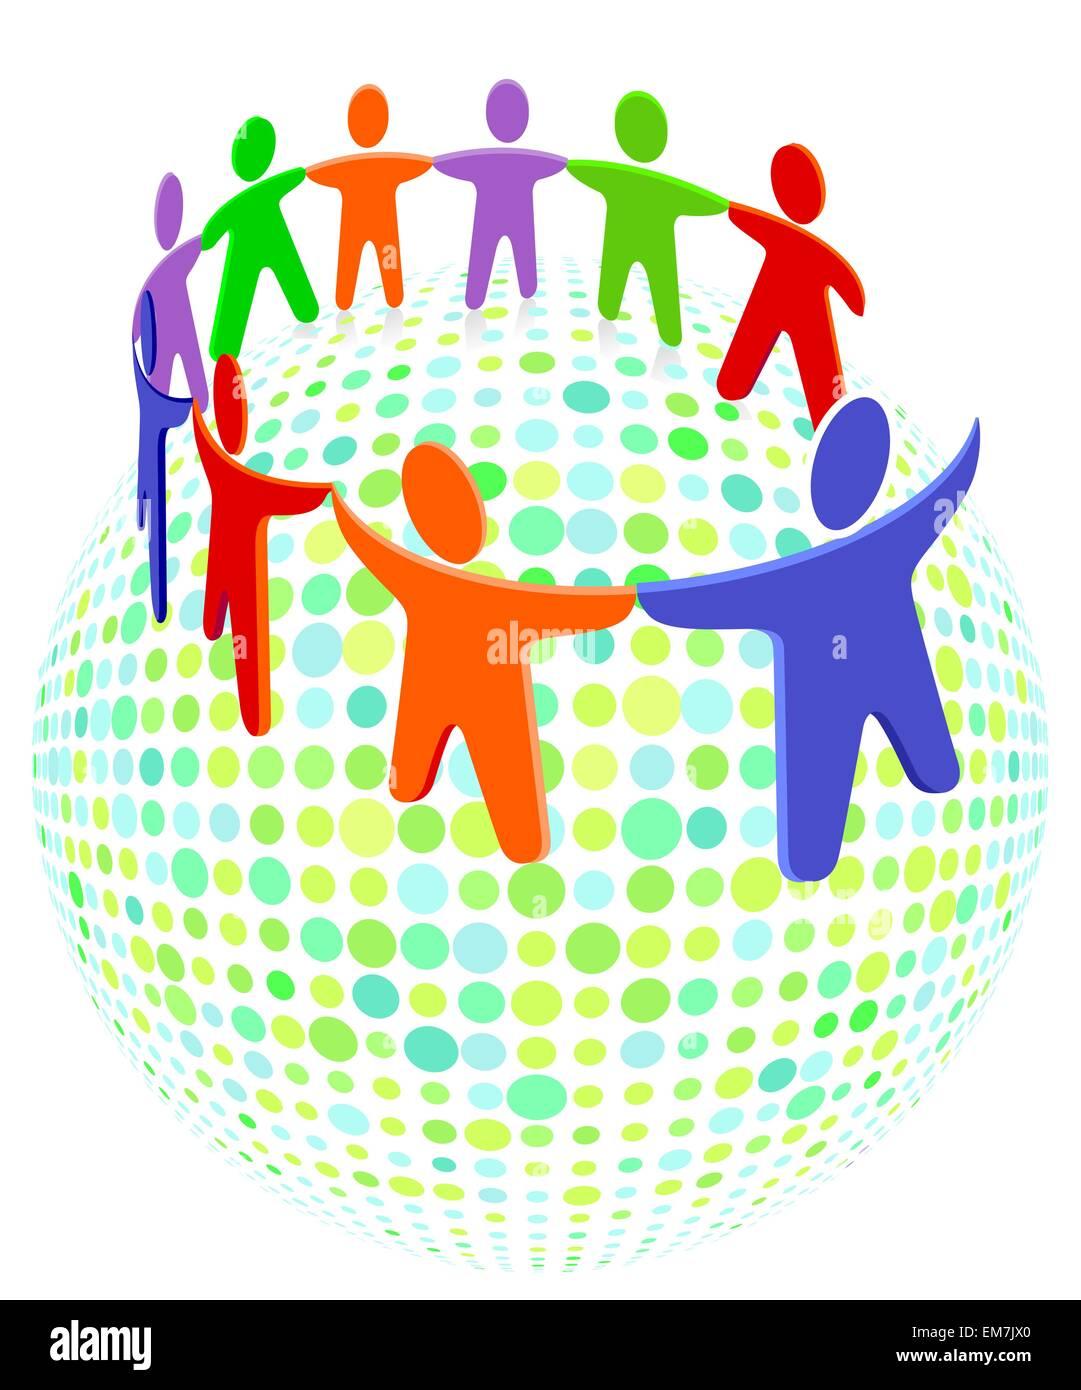 La solidarietà di gruppo e colorati di persone Immagini Stock